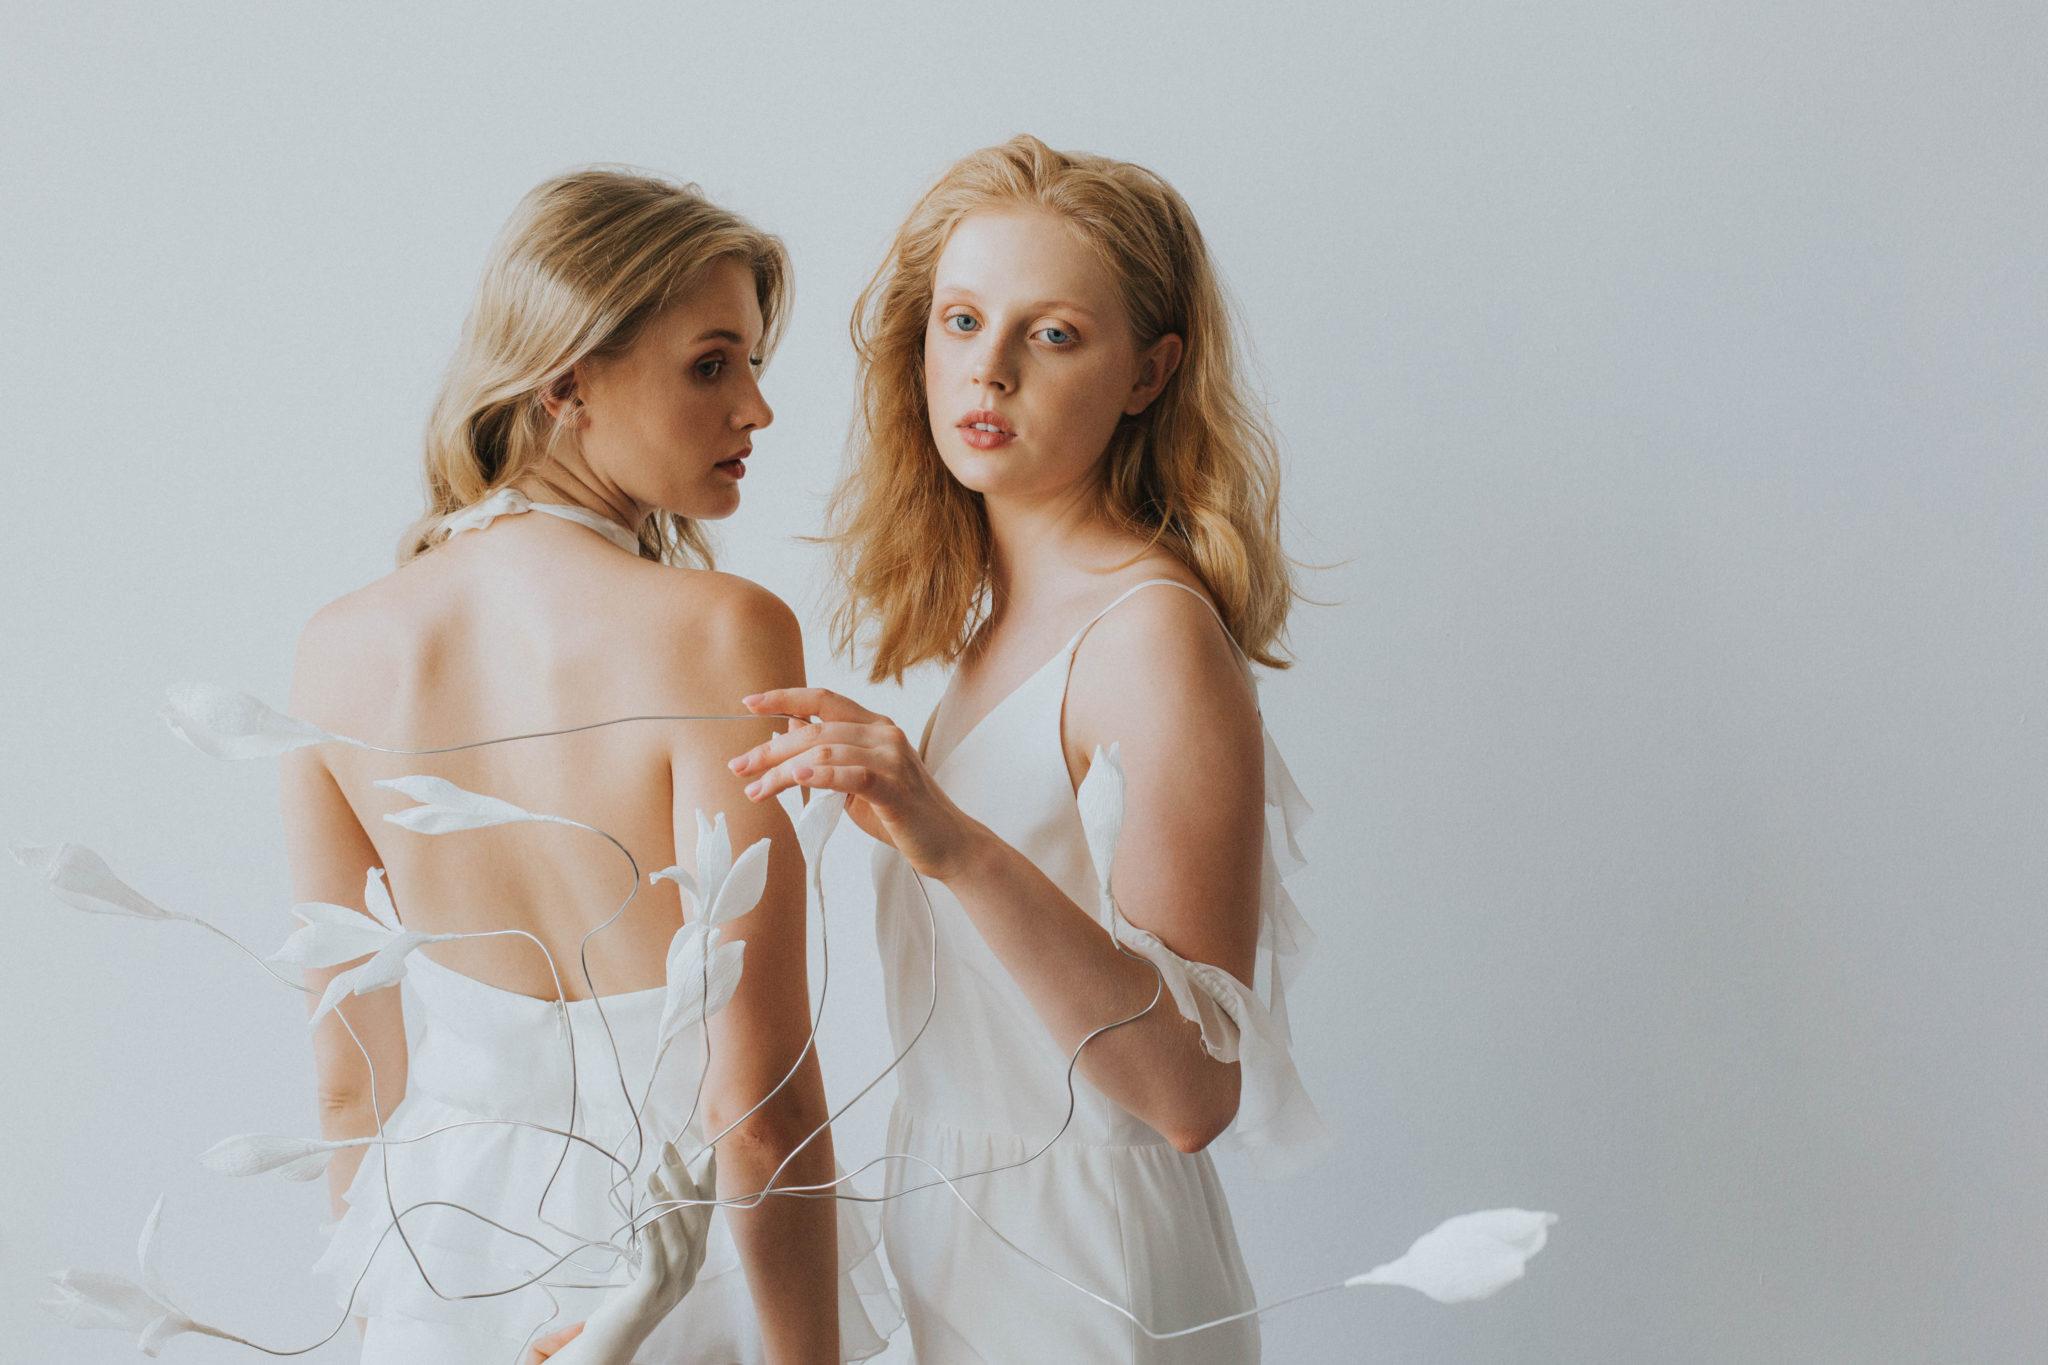 Na zdjeciu widzimy dwie delikatne modelki ubrane w biale zwiewne sukienki w rekach trzymaja biale bibulkowe kwiaty